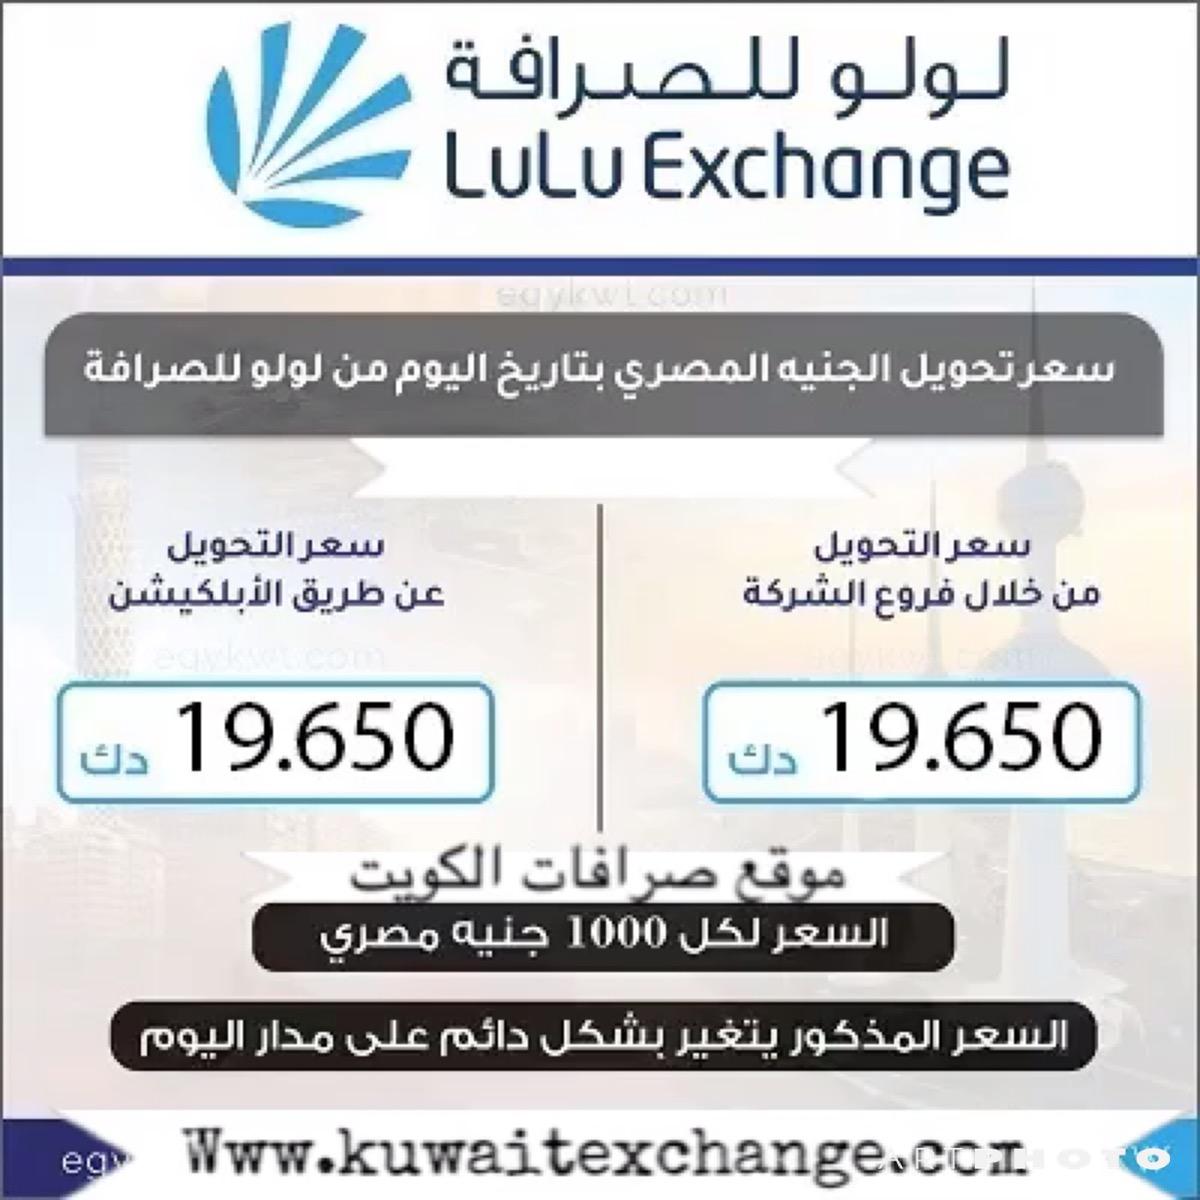 سعر الالف المصري بالدينار الكويتي تحويل العملات اليوم صرافة لولو ٥ أكتوبر